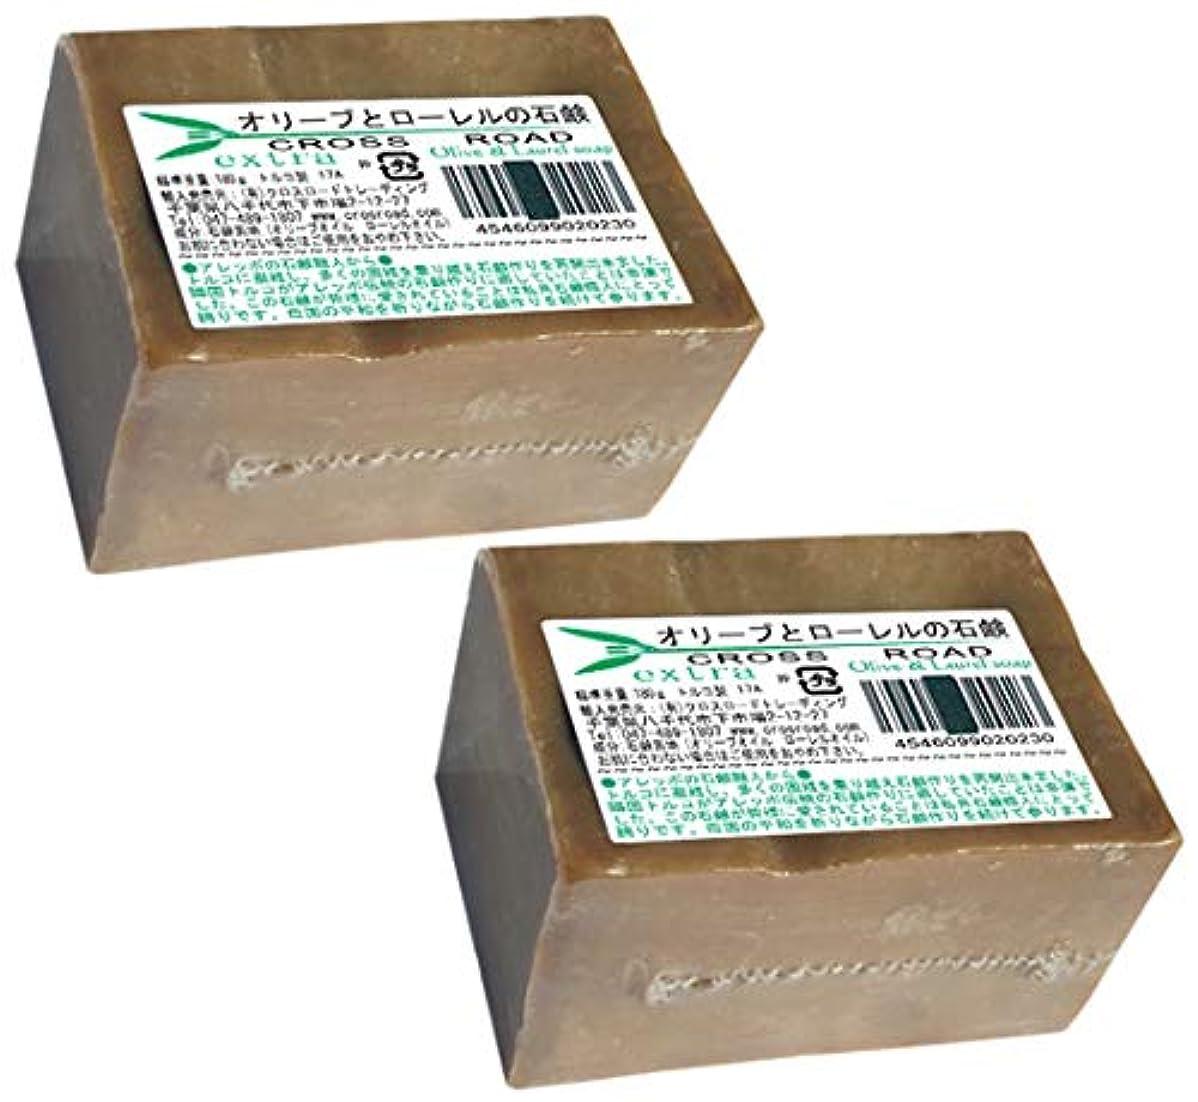 聖域おなかがすいた文明化するオリーブとローレルの石鹸(エキストラ)2個セット[並行輸入品]